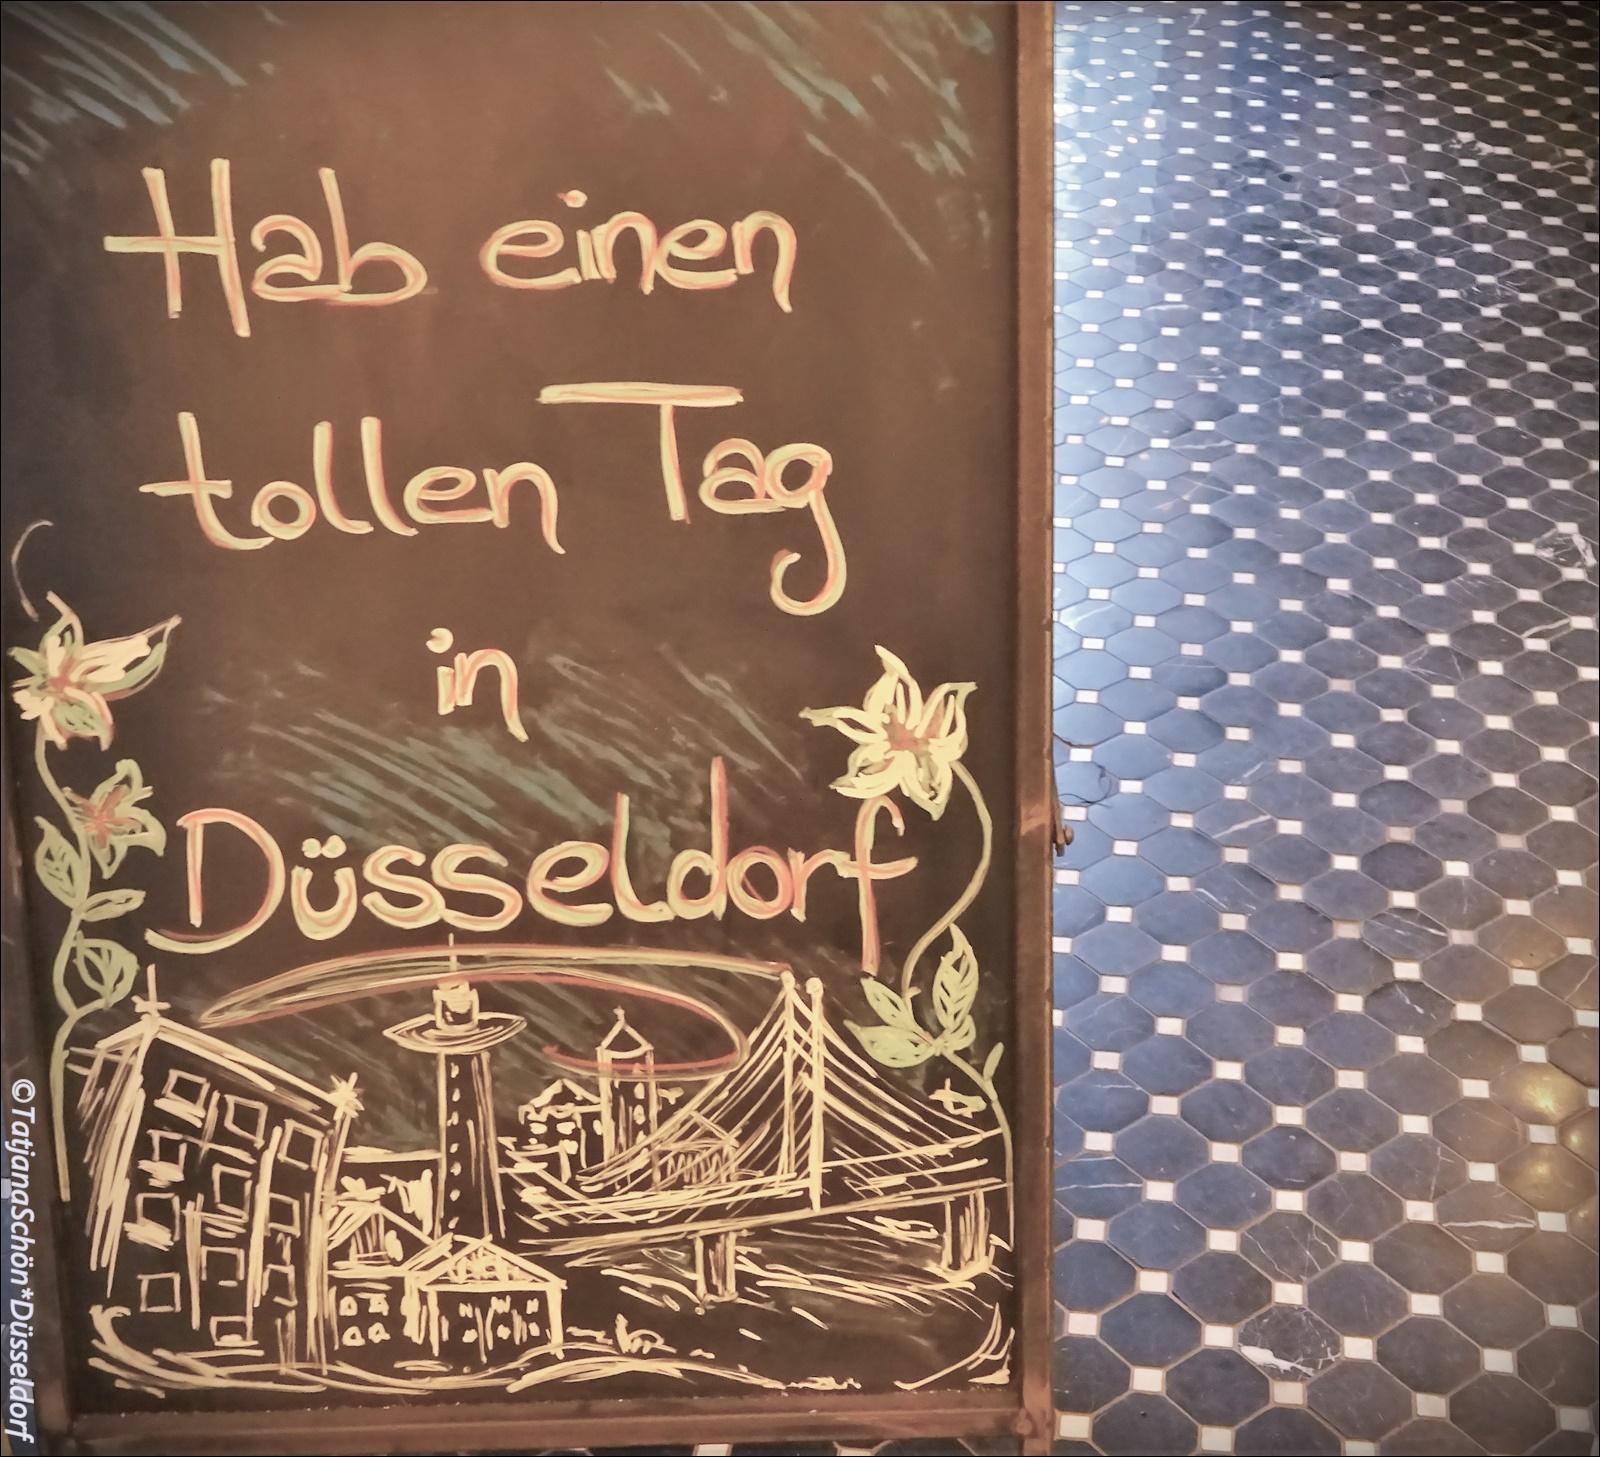 Желаем замечательного дня в Дюссельдорфе и выходим :-)